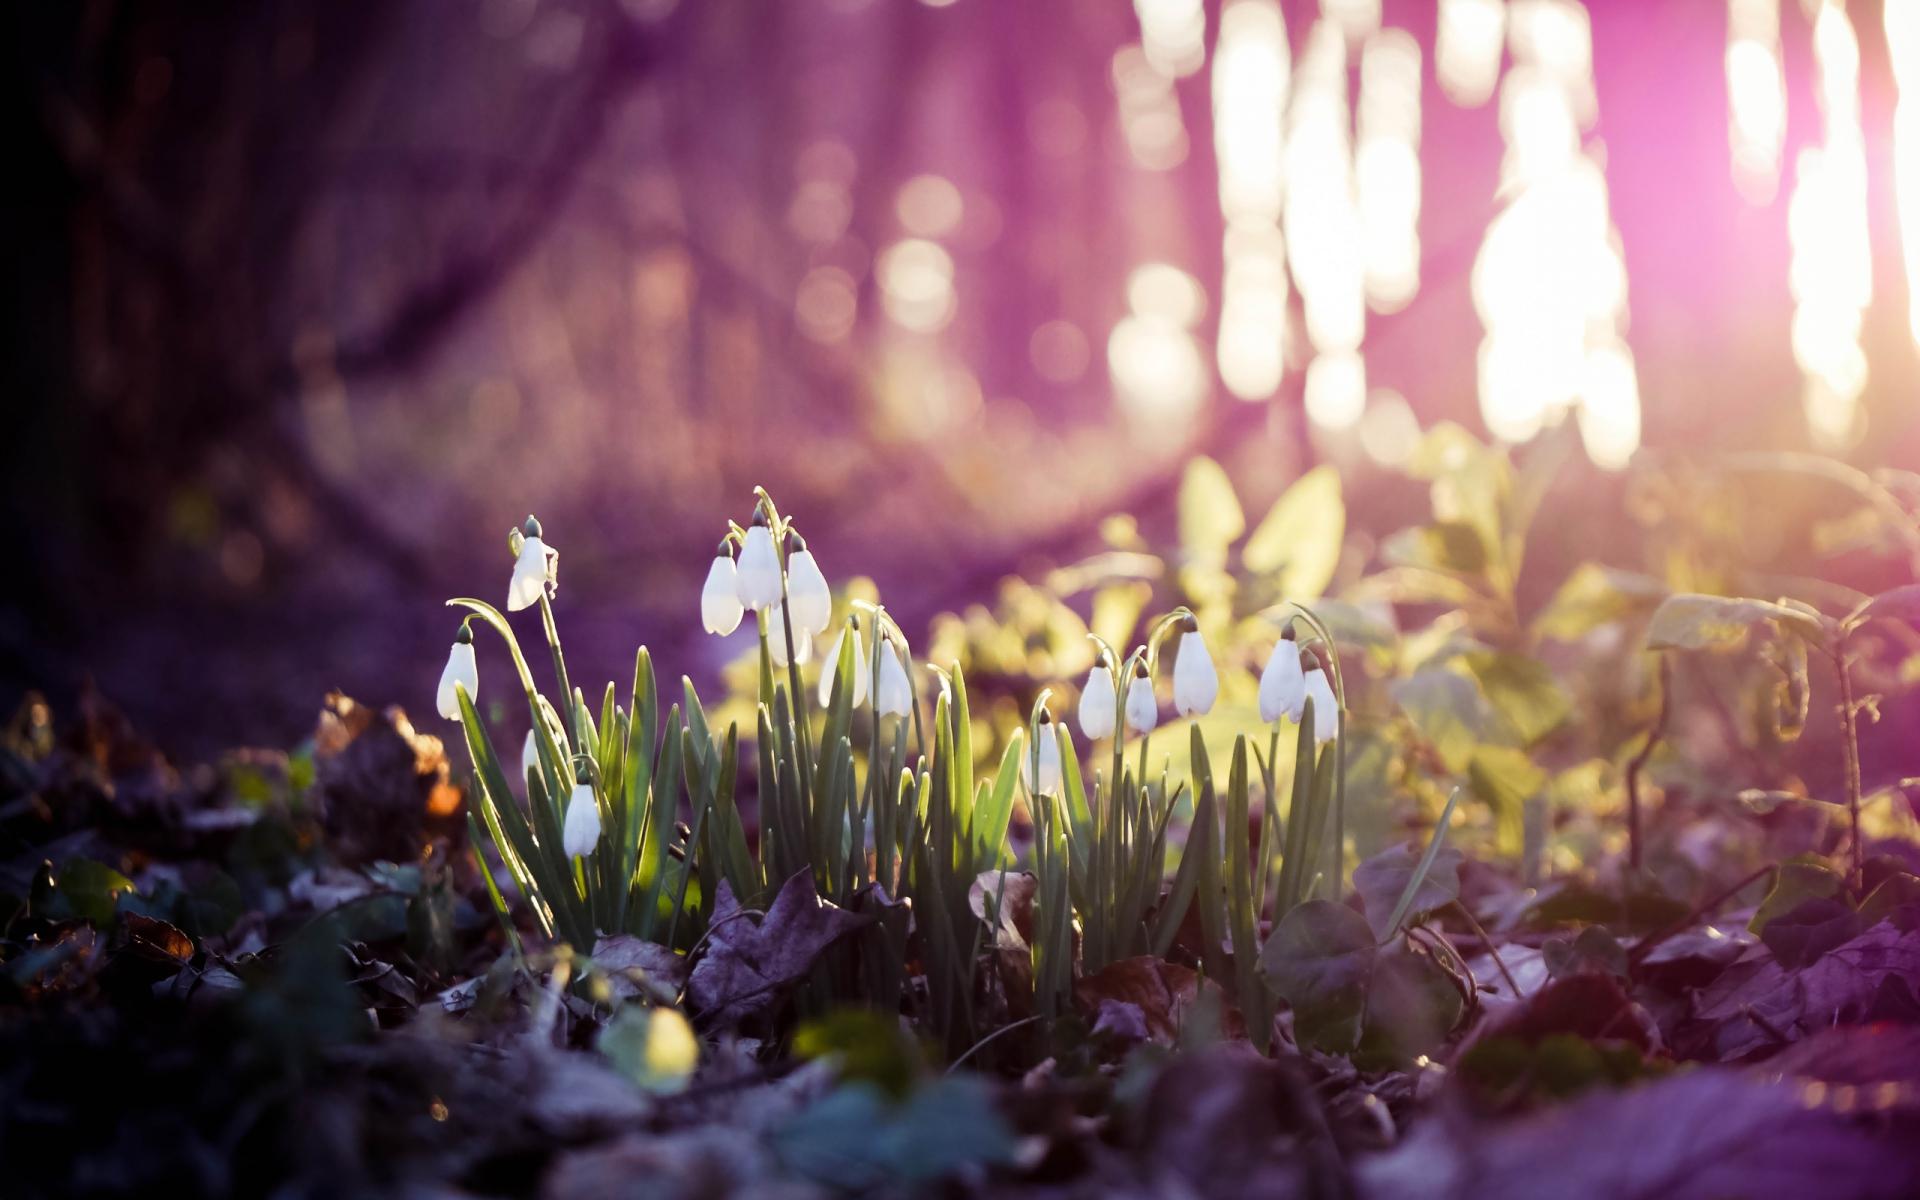 Картинки Весна, подснежники, цветы, лес, первая фото и обои на рабочий стол